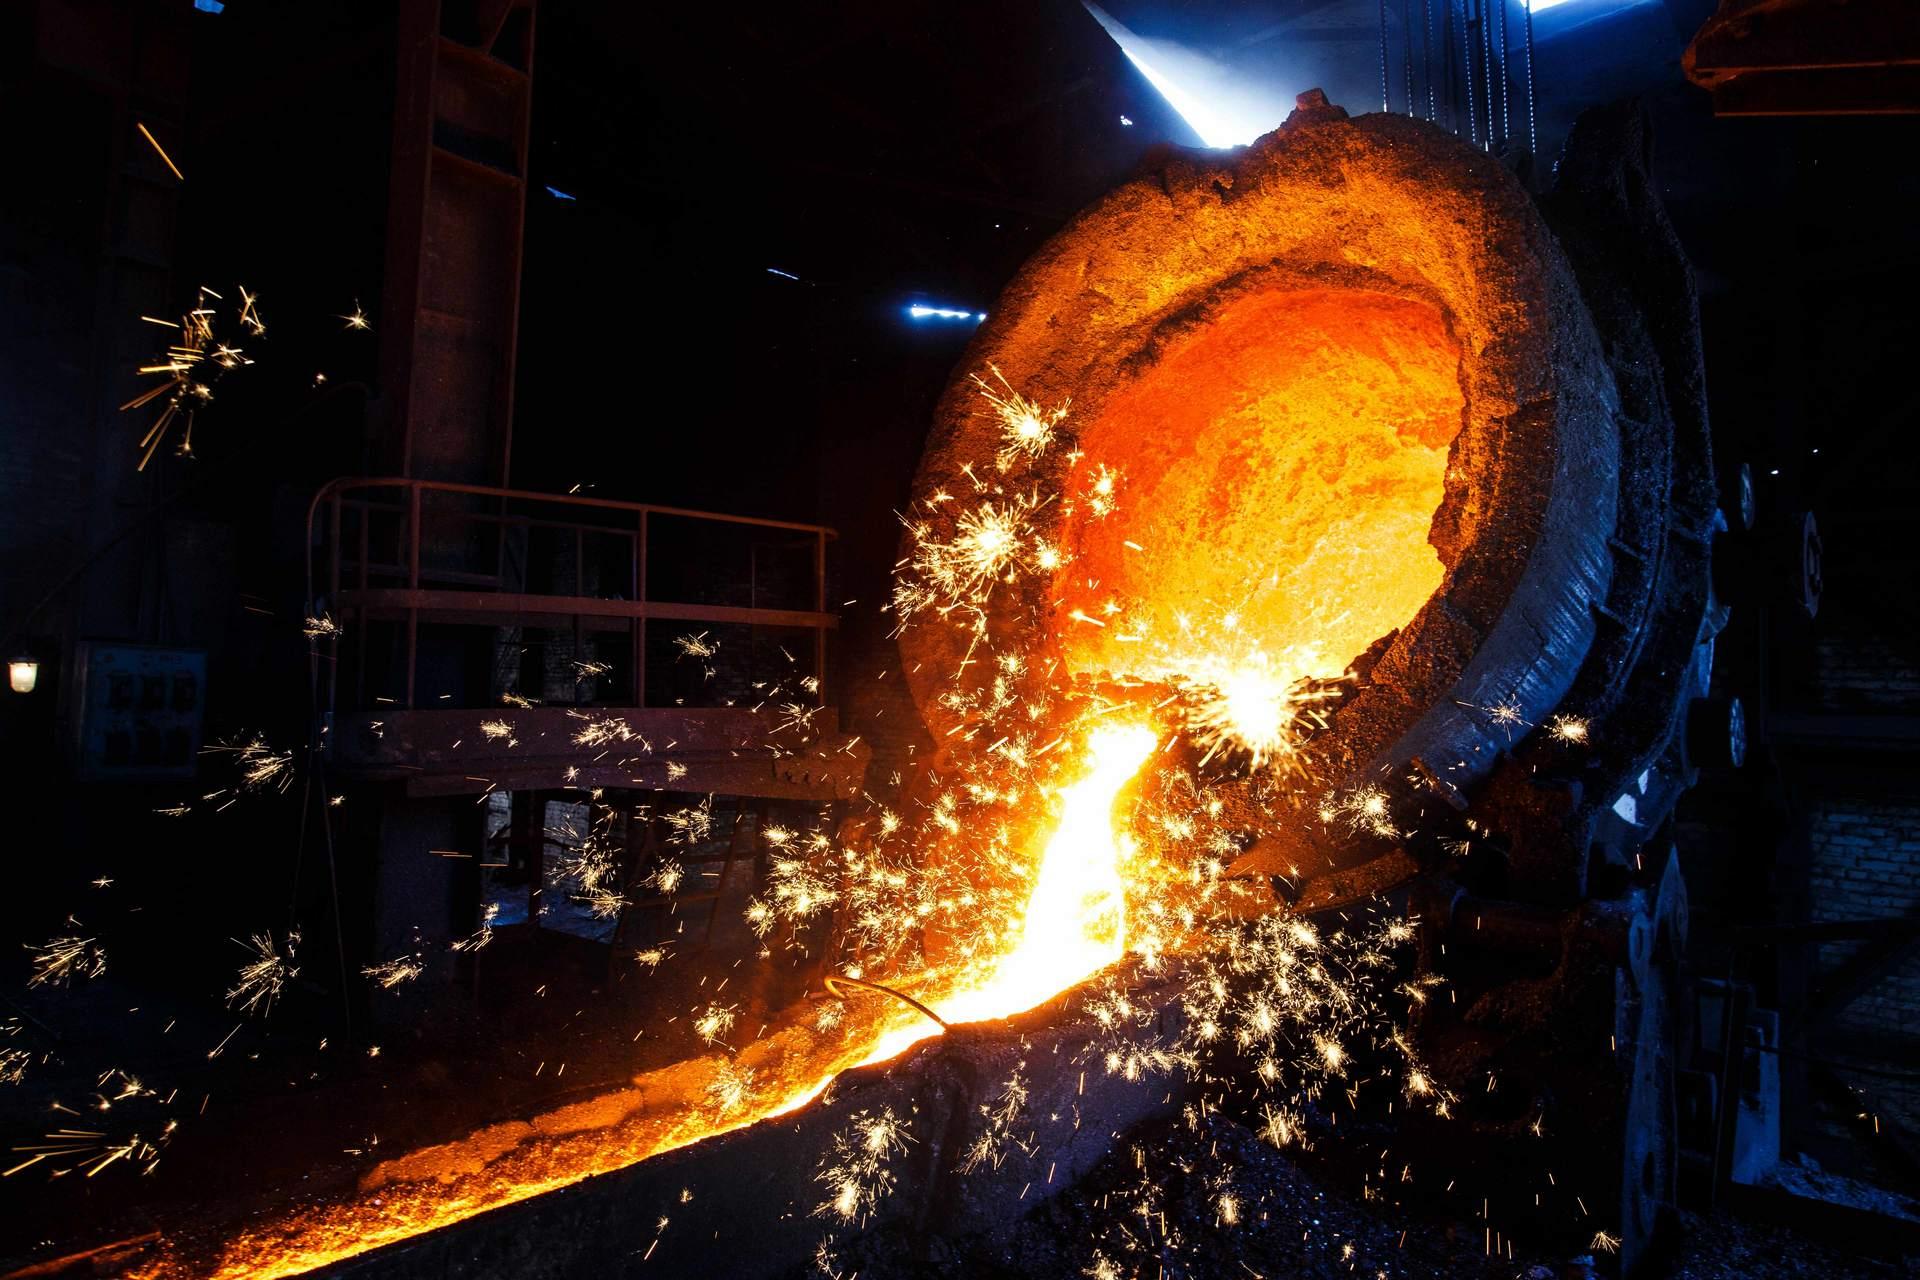 Создана система управления инвестиционными проектами крупного вертикально-интегрированного металлургического холдинга